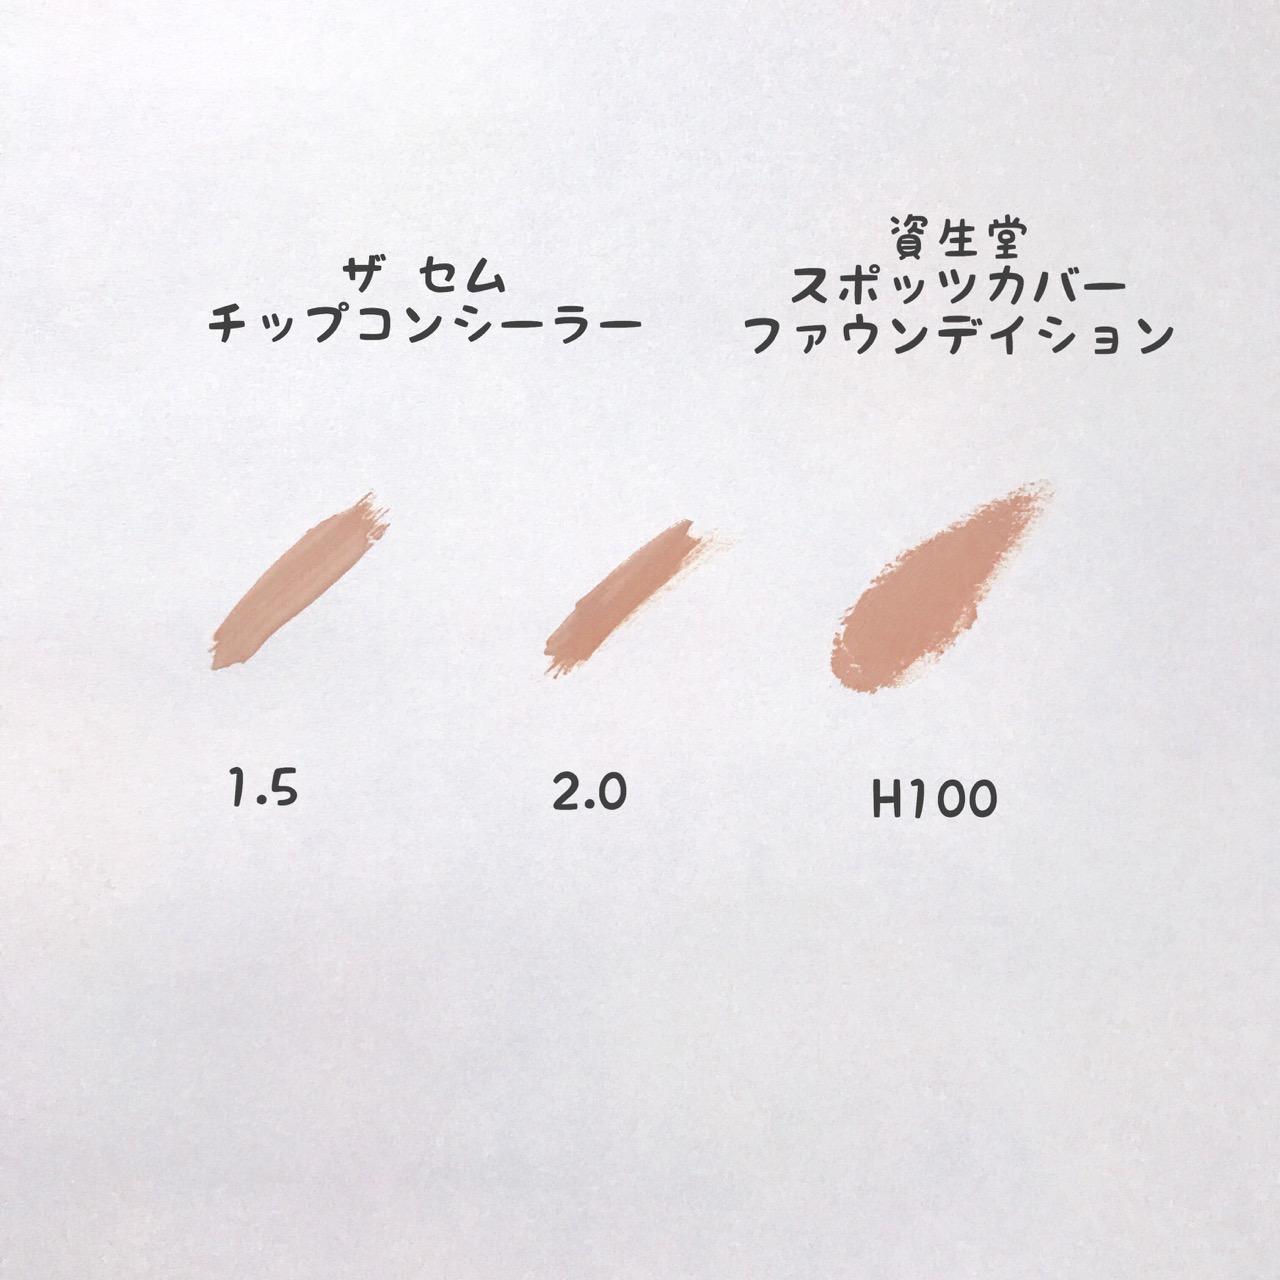 プチプラコンシーラーの色比較